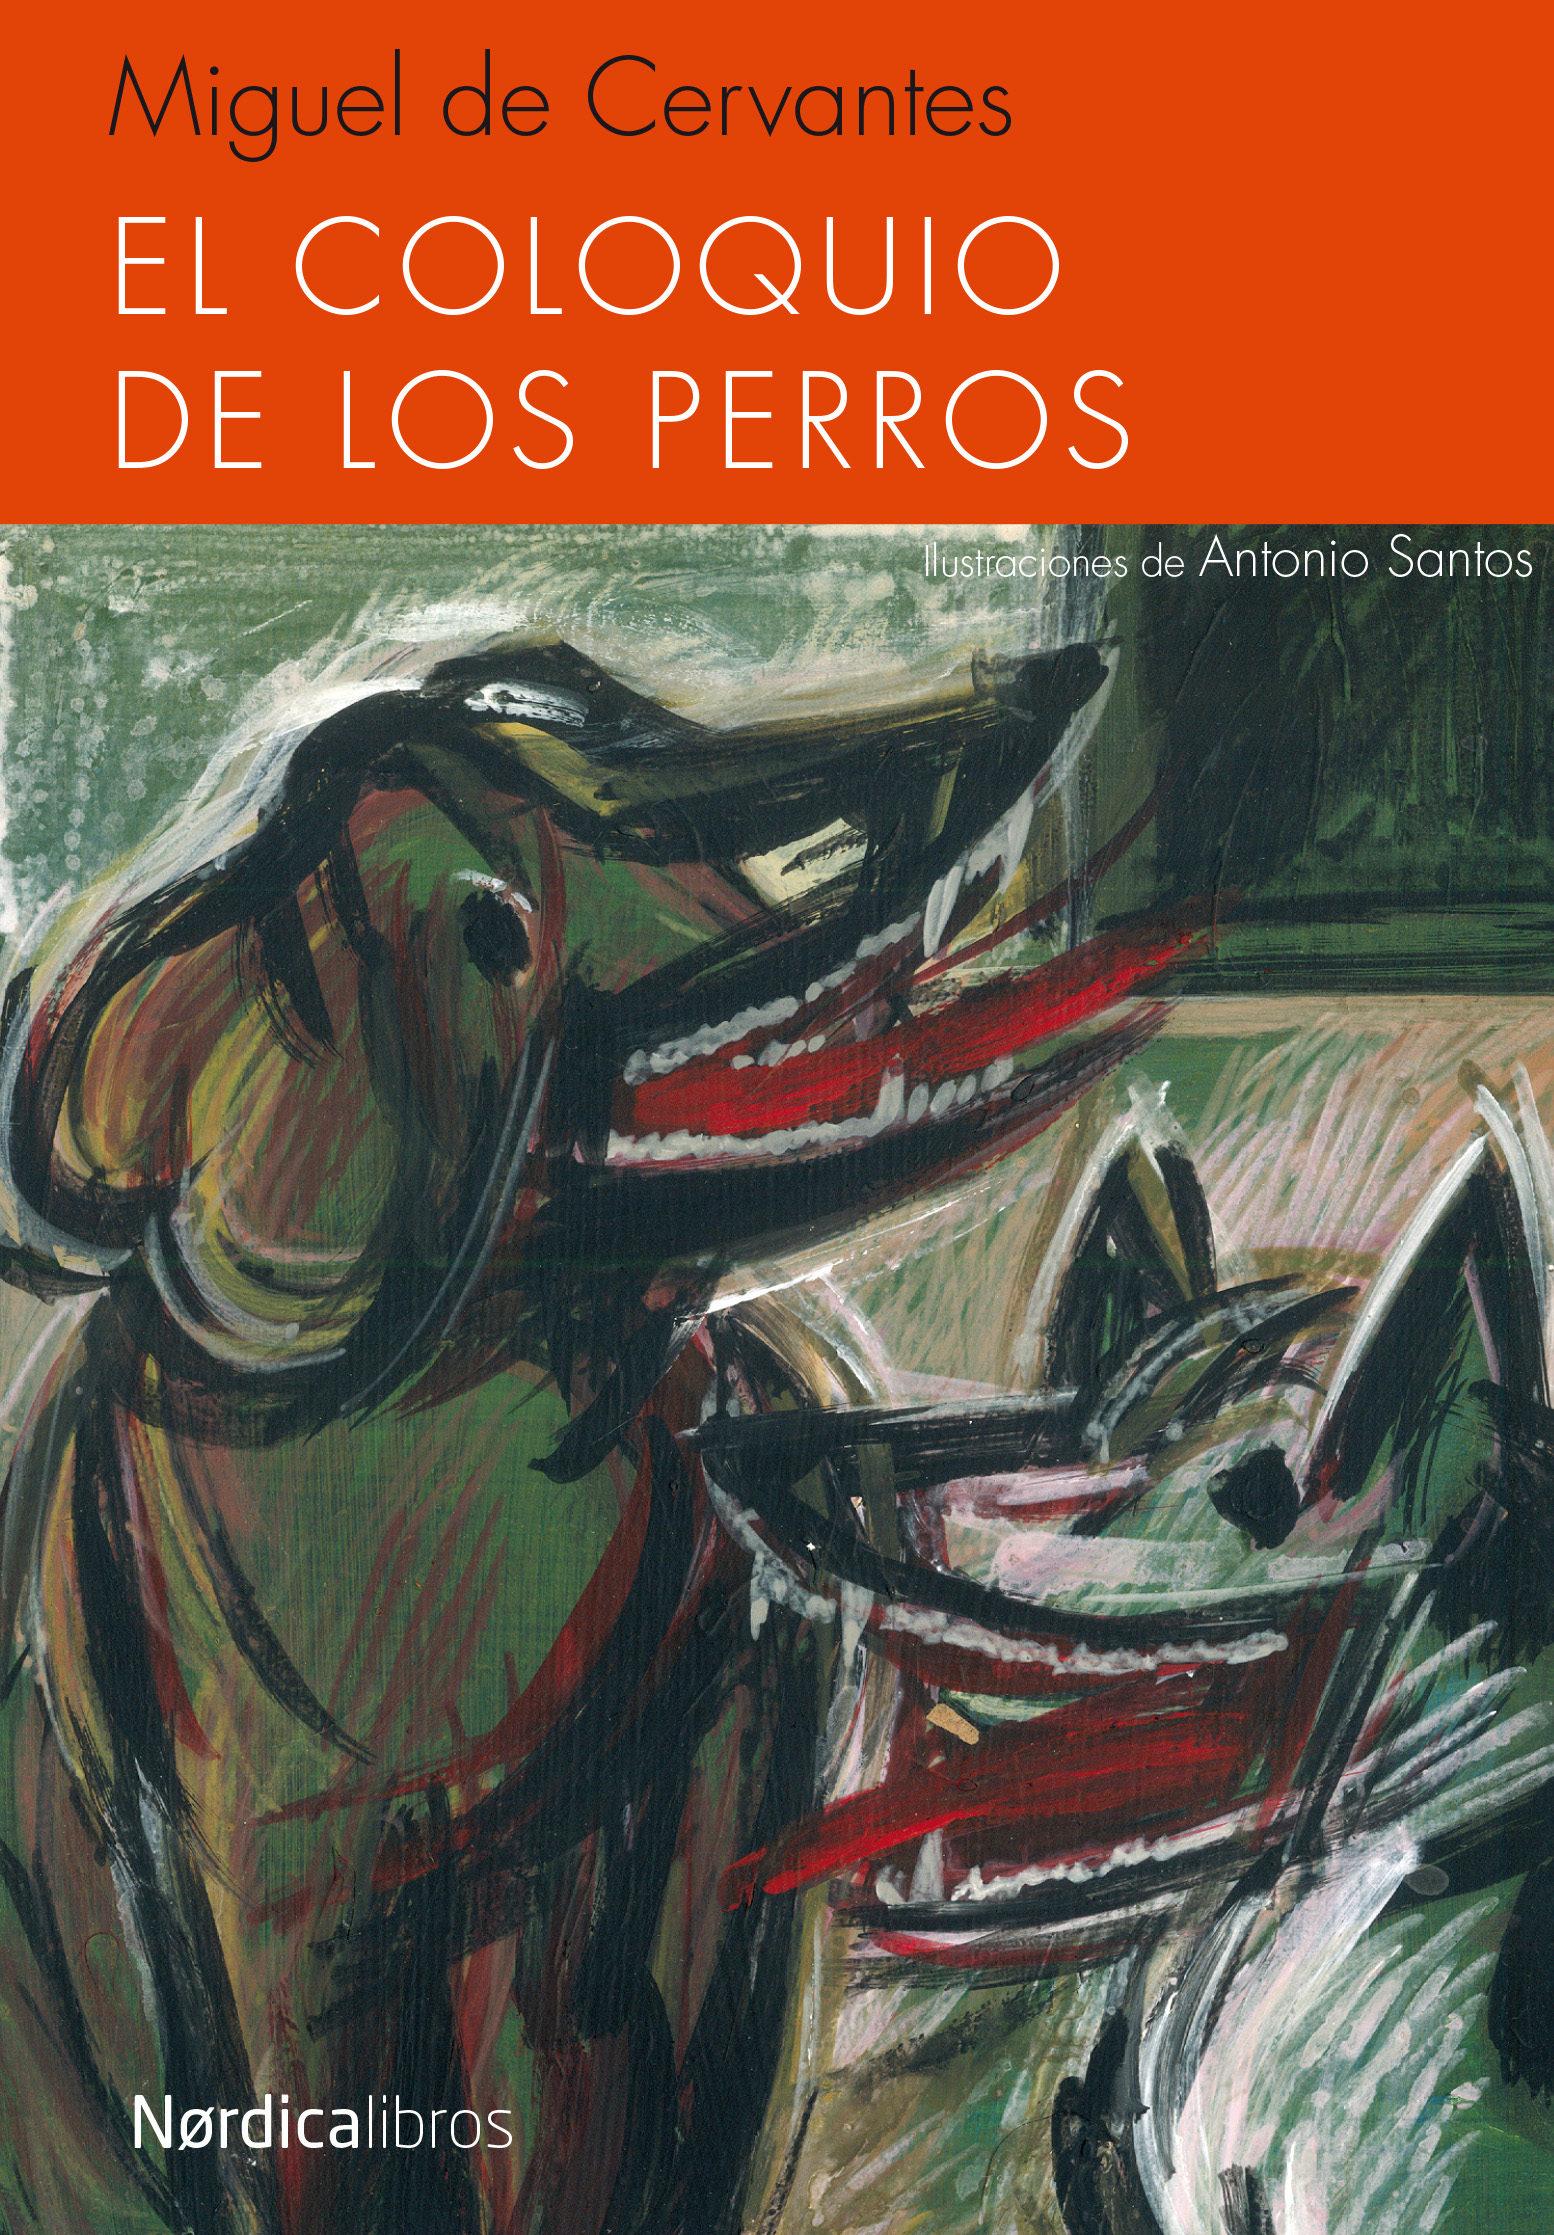 El coloquio de los perros, de Miguel de Cervantes